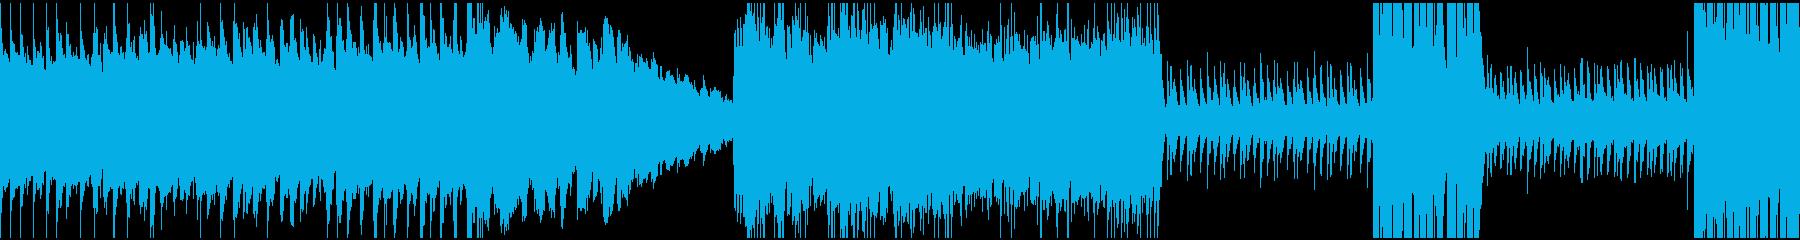 速い変拍子の曲の再生済みの波形